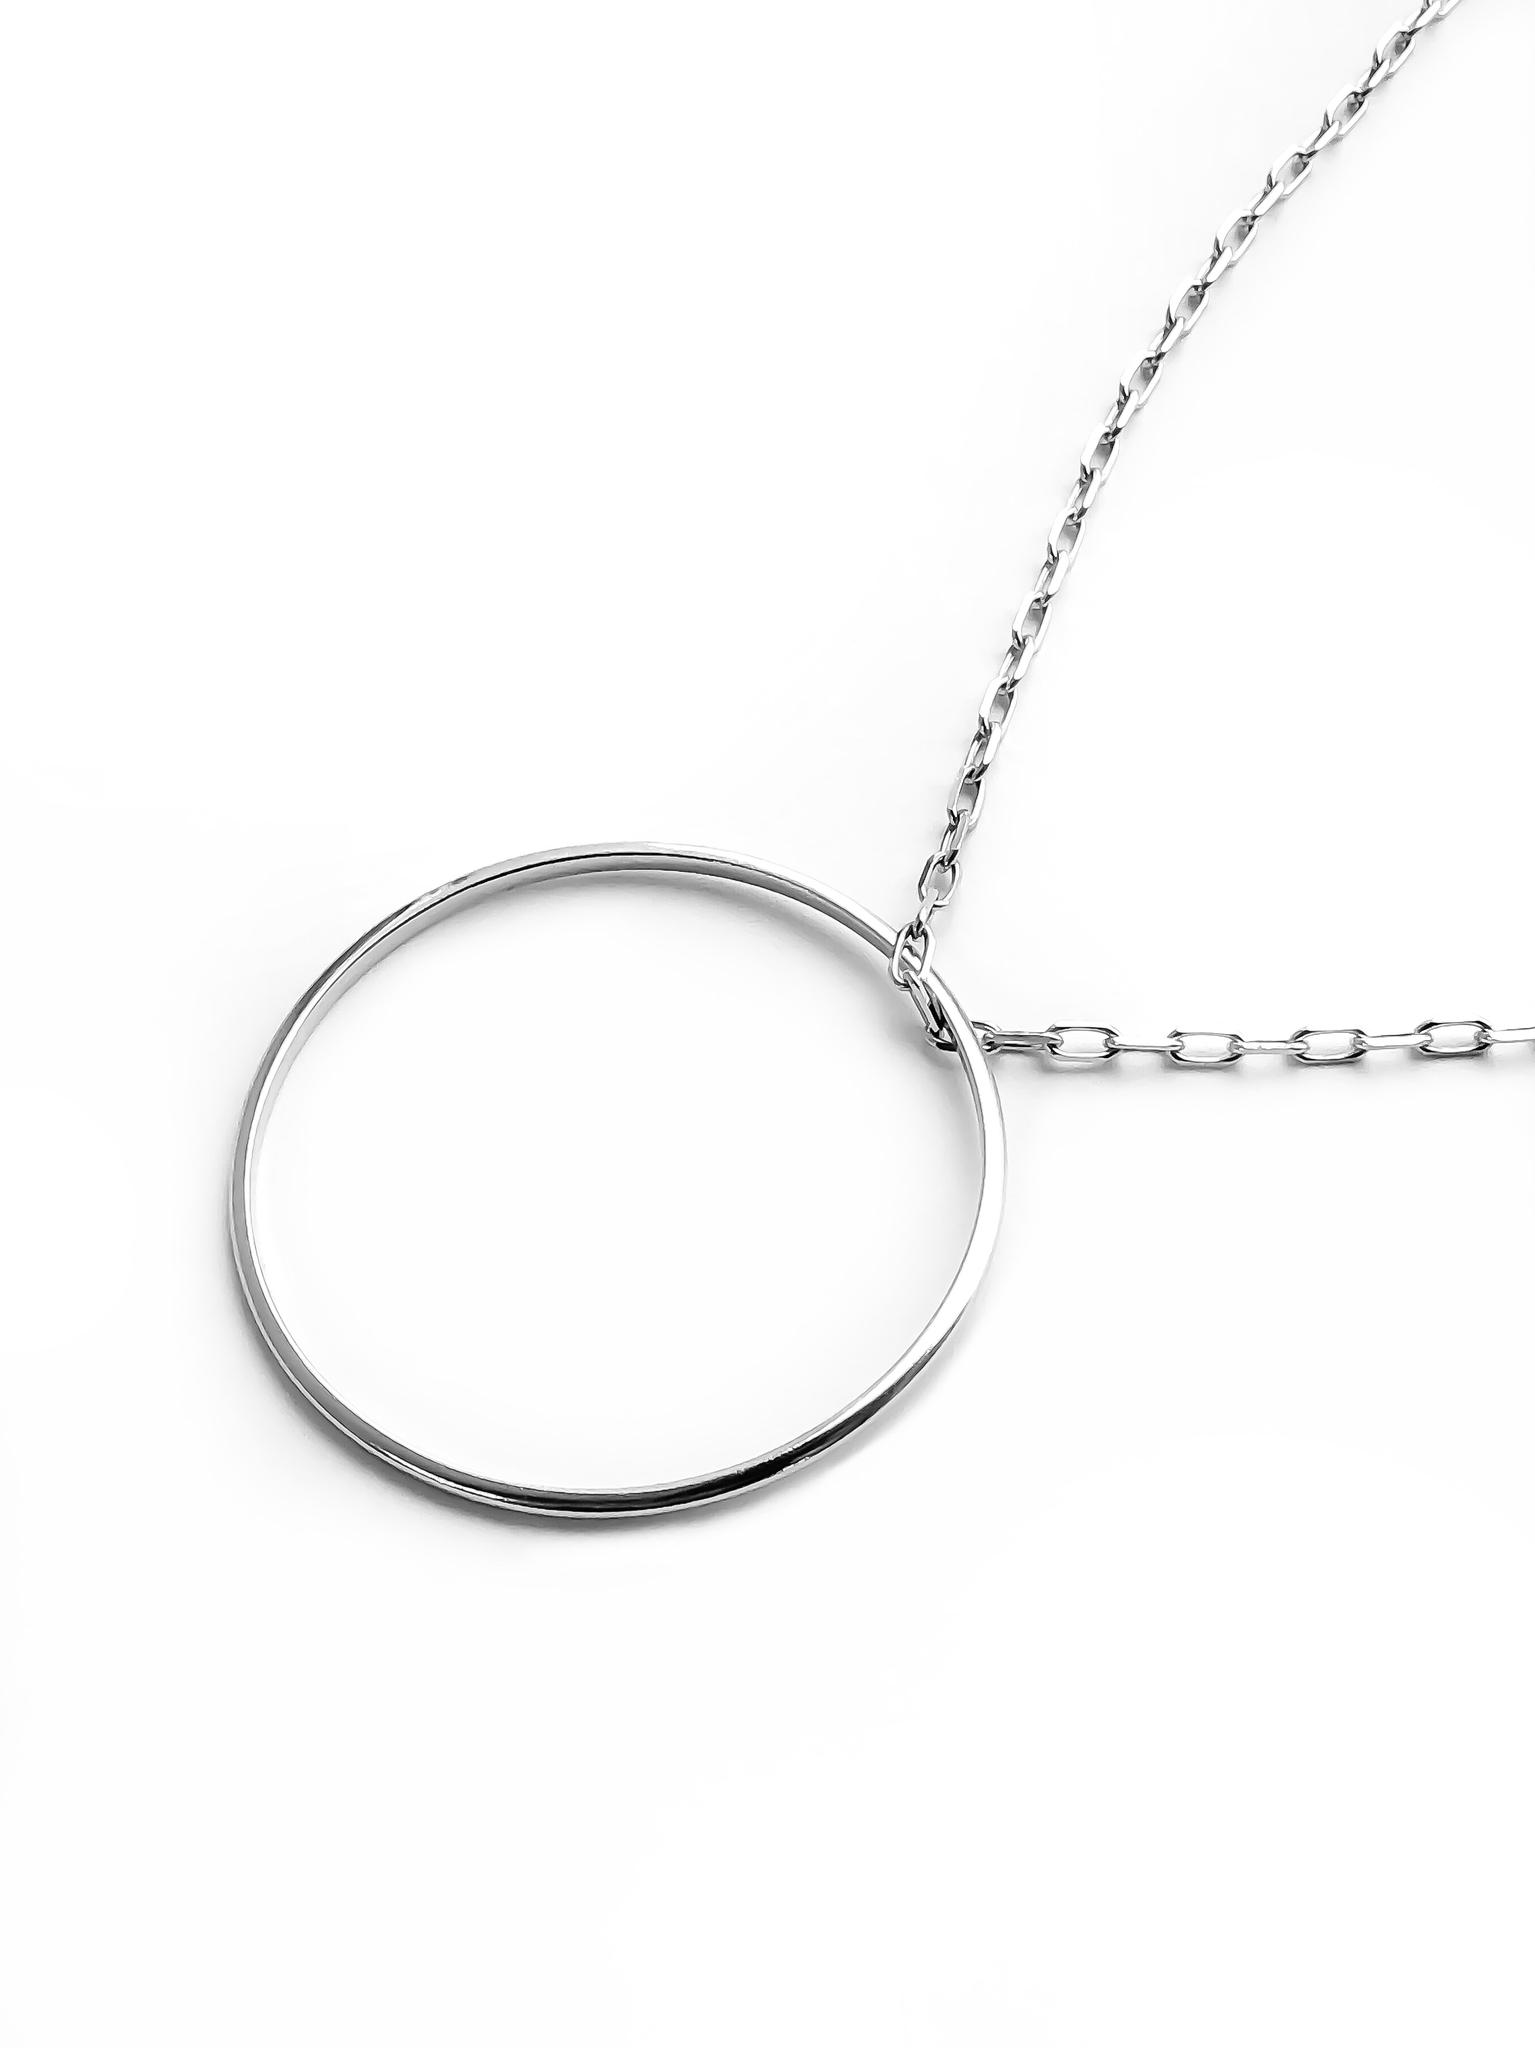 Серебряное колье с кольцом на длинной цепочке, 40 мм